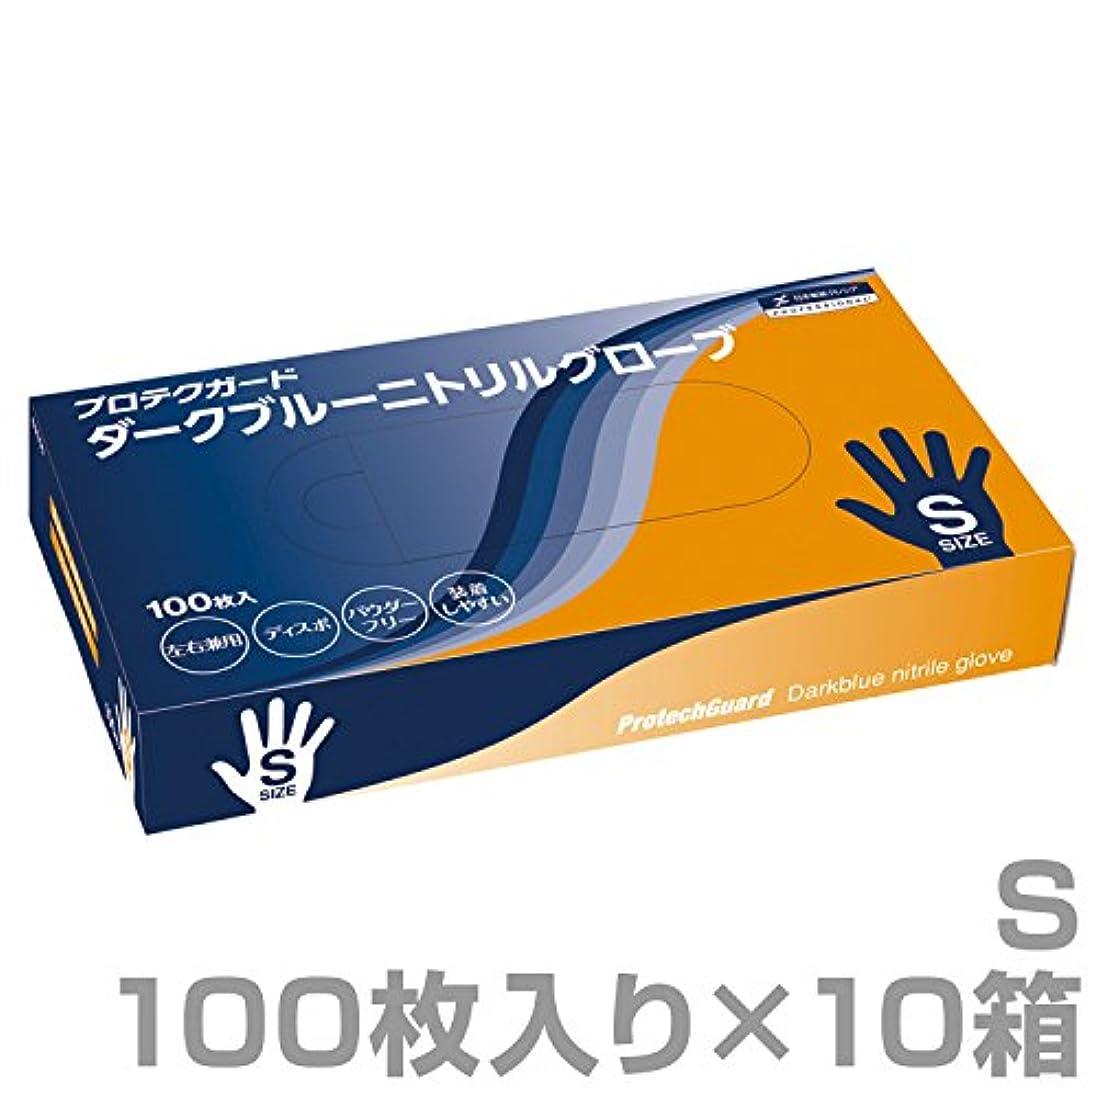 分泌するやる限界日本製紙クレシア プロテクガード ニトリルグローブ (ラテックスフリー/パウダーフリー) S 100枚入り×10箱(合計1000枚入り) ダークブルー